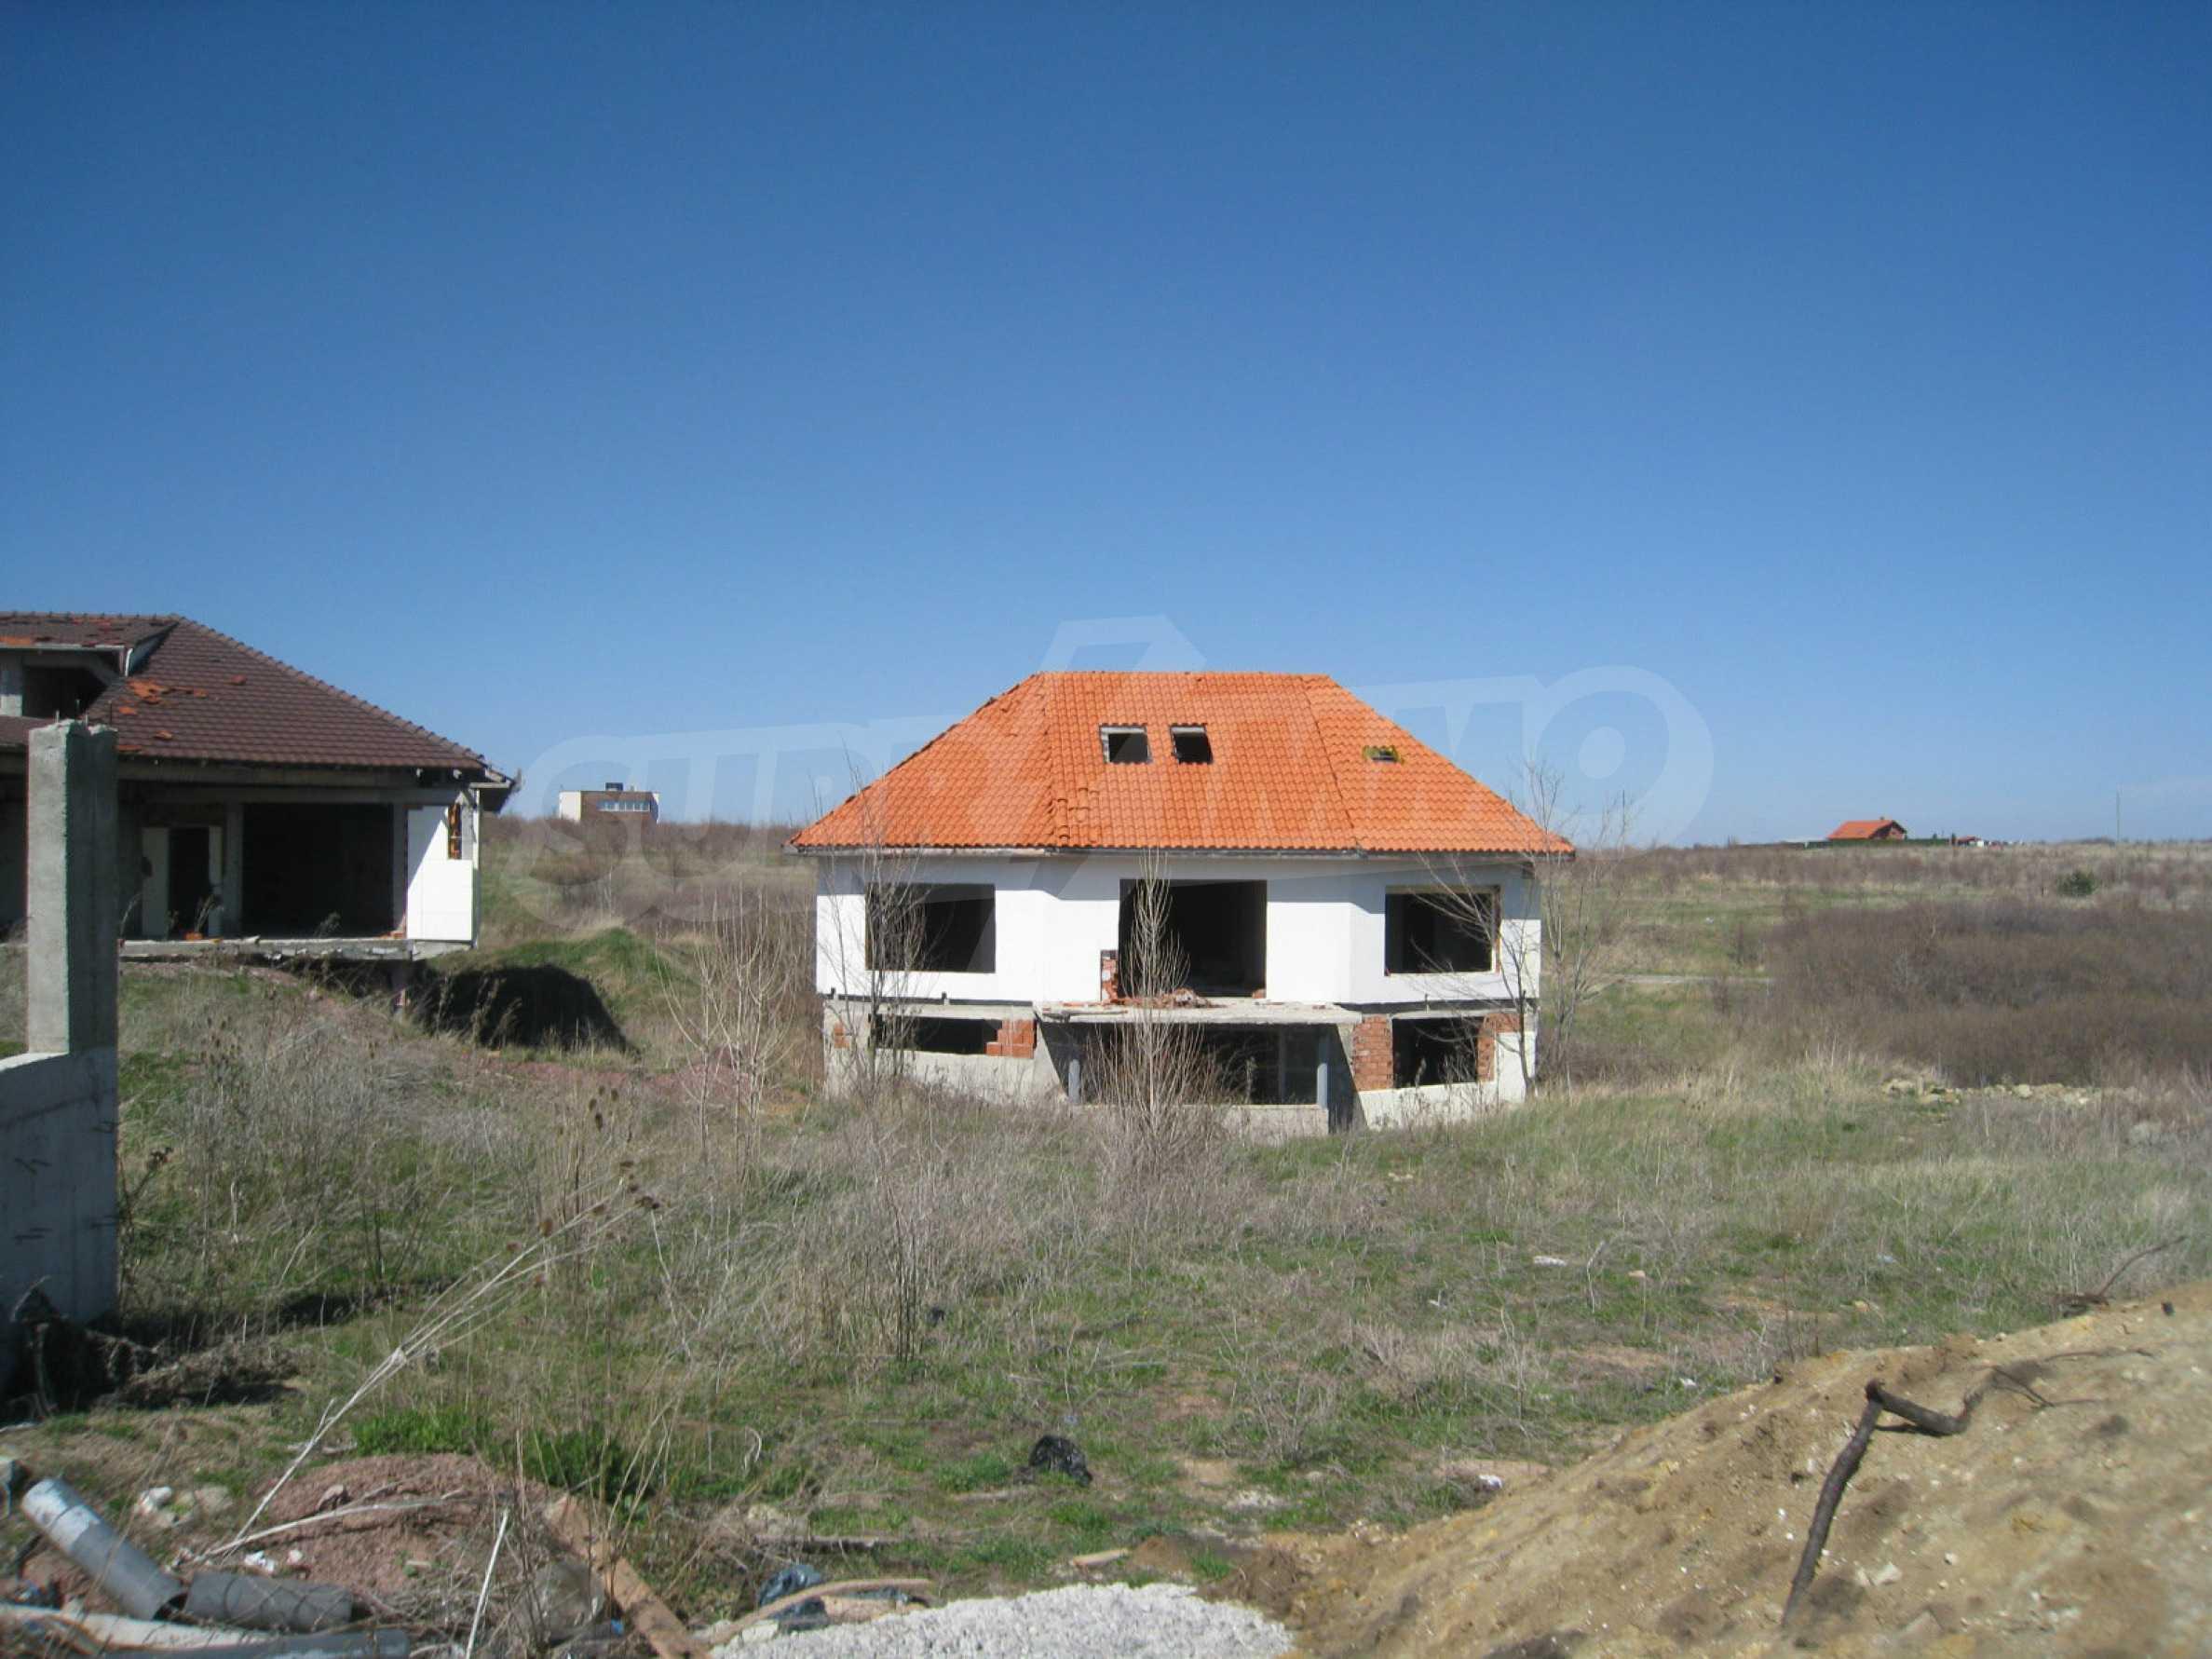 Großes Haus mit Hof 5 km von der Ringstraße in Sofia entfernt 26